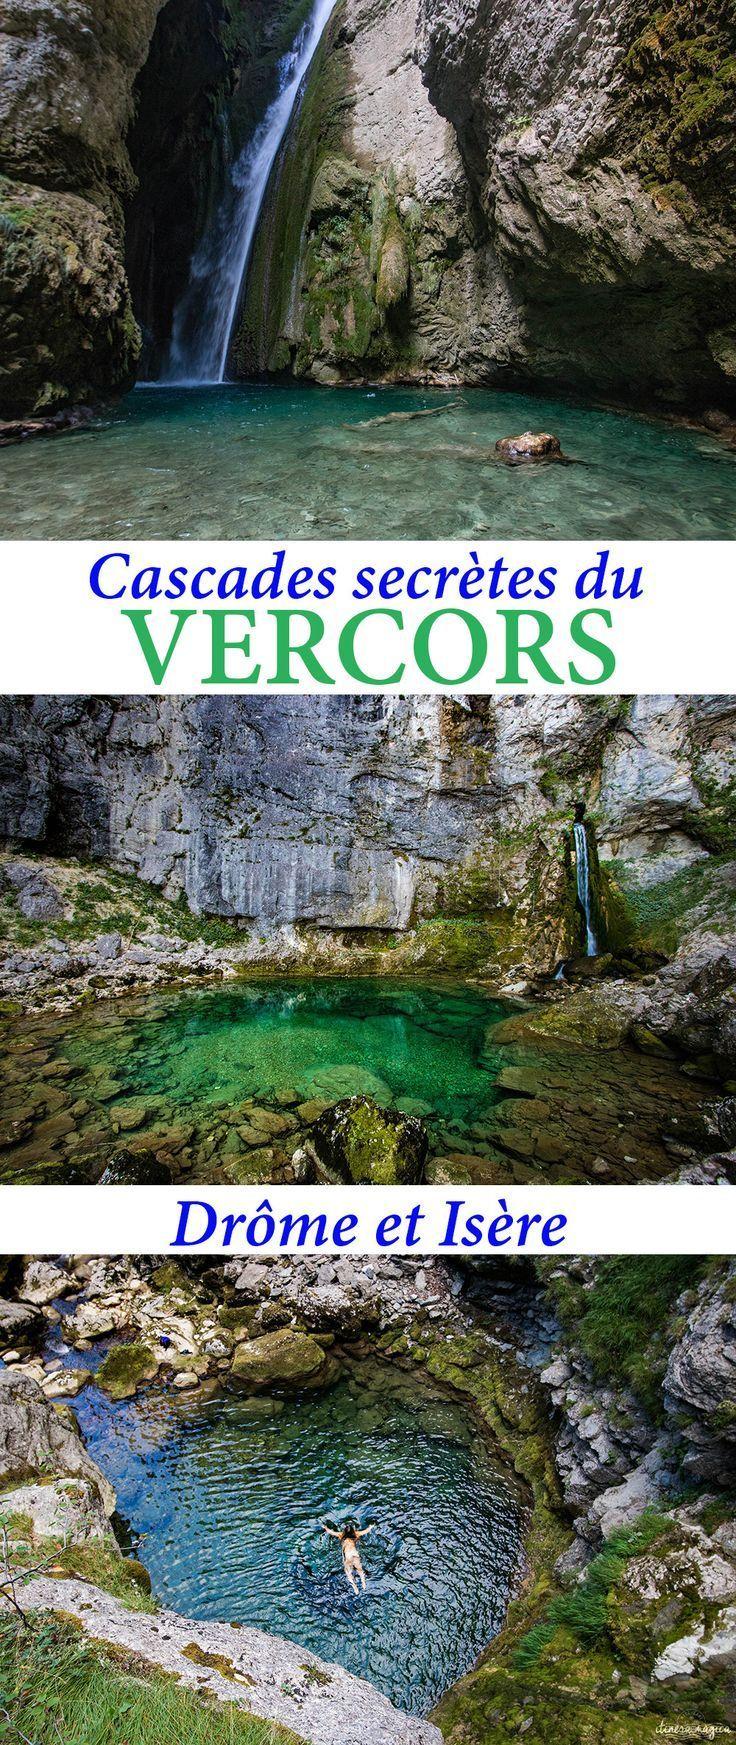 Le Vercors et le pays de Royans au fil de l'eau : les plus belles cascades du Vercos, les rivières souterraines, randonnées secrètes et autres choses à voir en #Drôme et #Isère. #Vercors #cascade